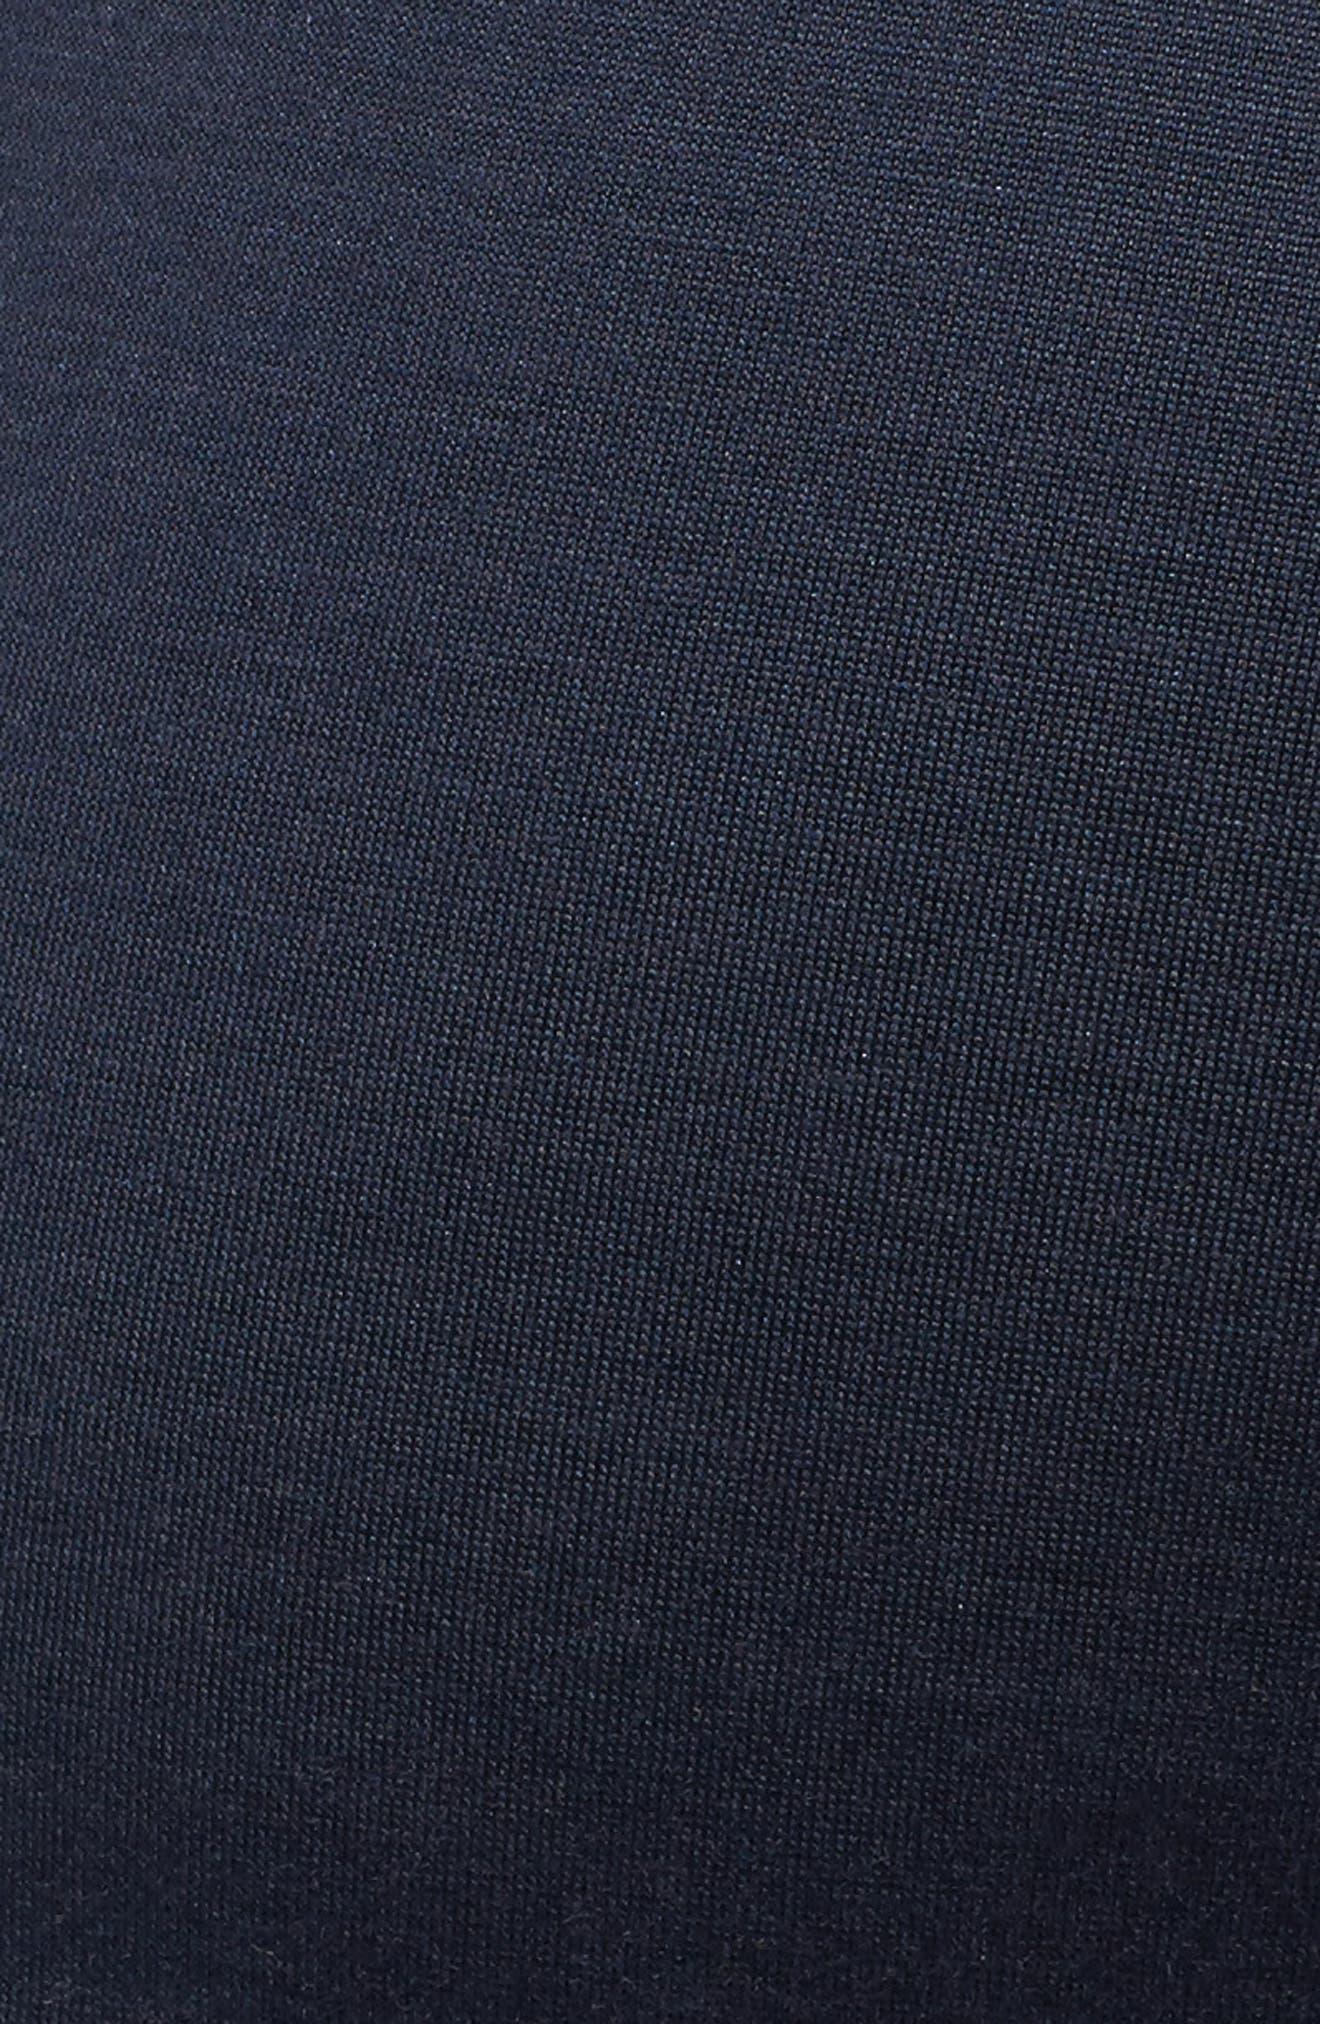 Silk & Cotton Lounge Pants,                             Alternate thumbnail 5, color,